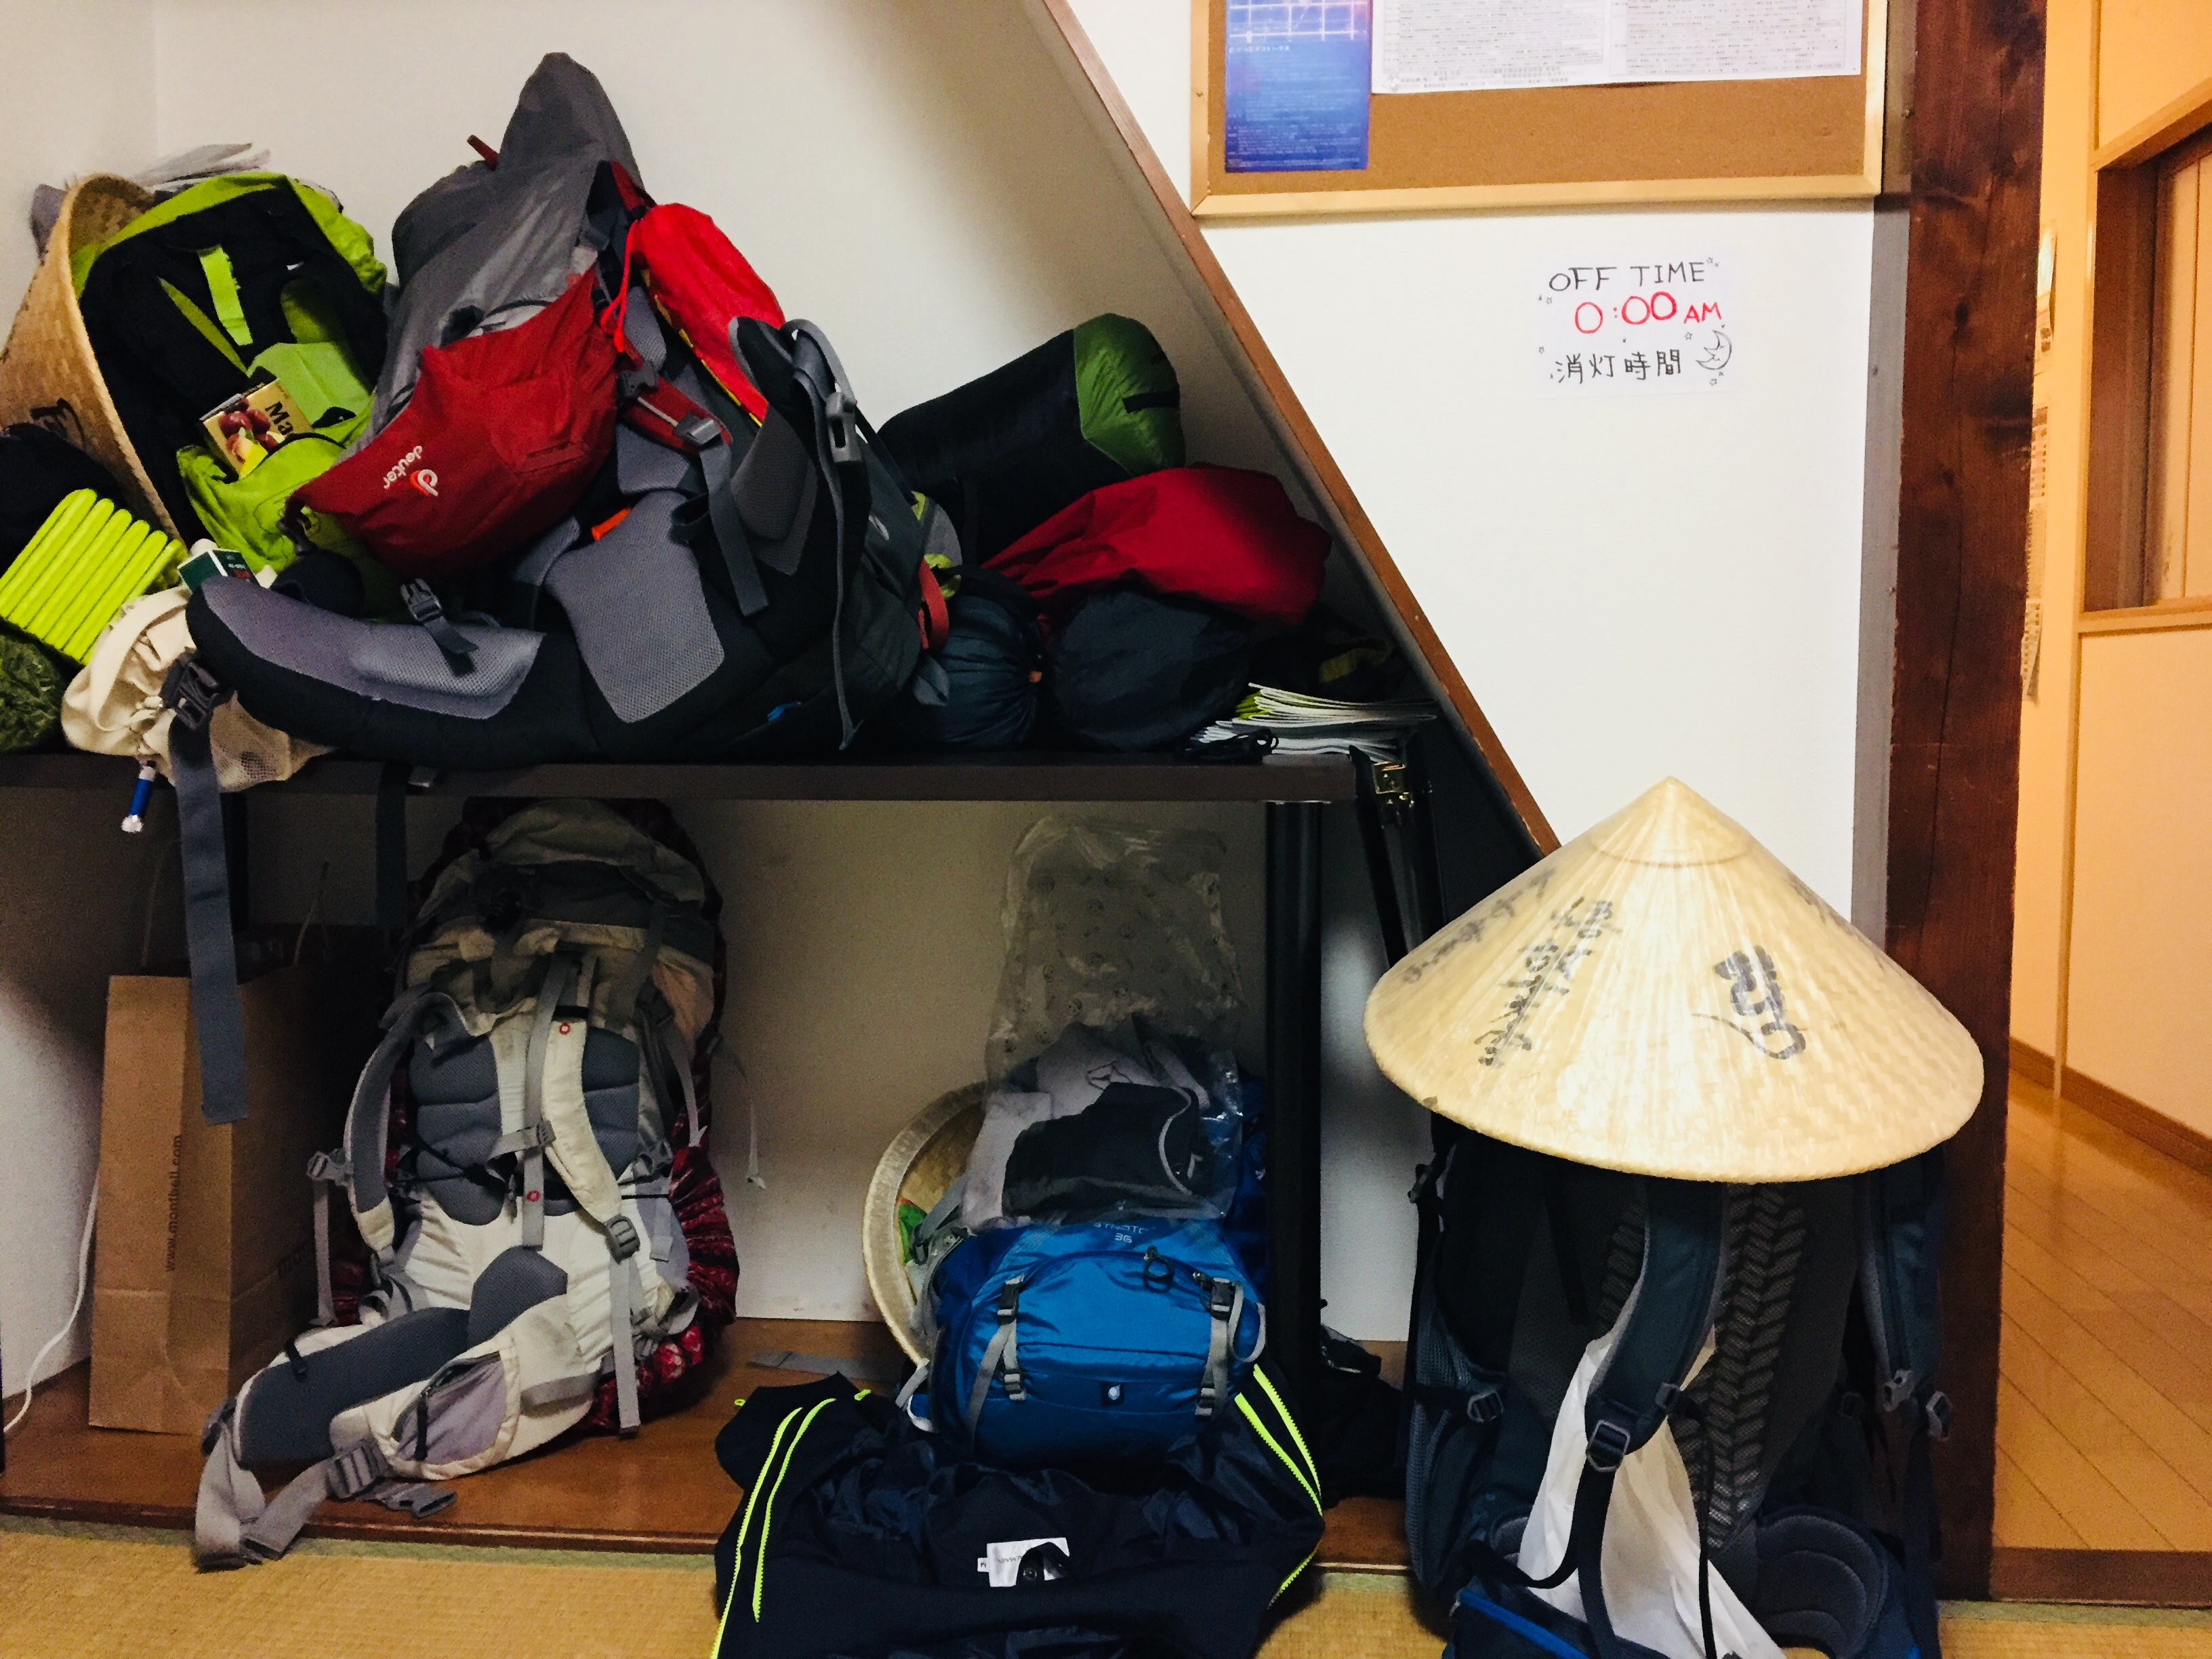 【日本プチ縦断 in 四国】ヒッチハイクで高知へ。ゲストハウスは外国人のお遍路さんだらけ。